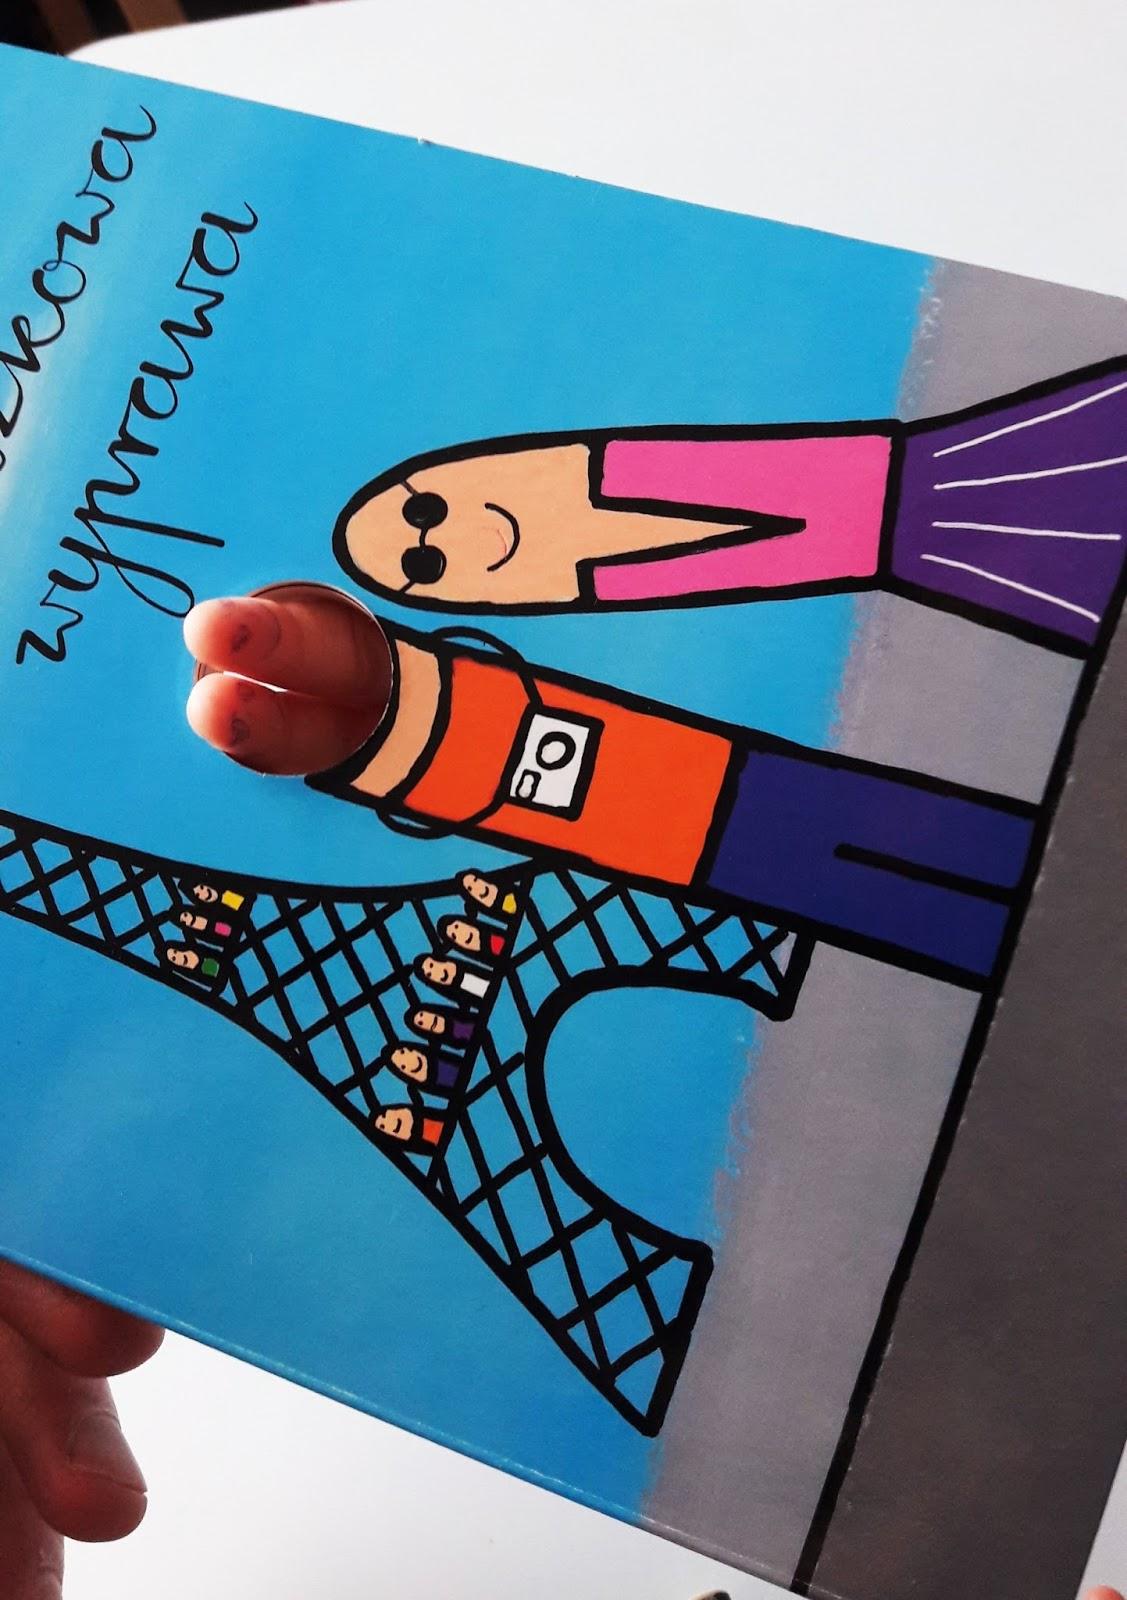 paluszkowa wyprawa robaczki Hervé-Tullet - wydawinctwo insignis - odwiedzaja paryż